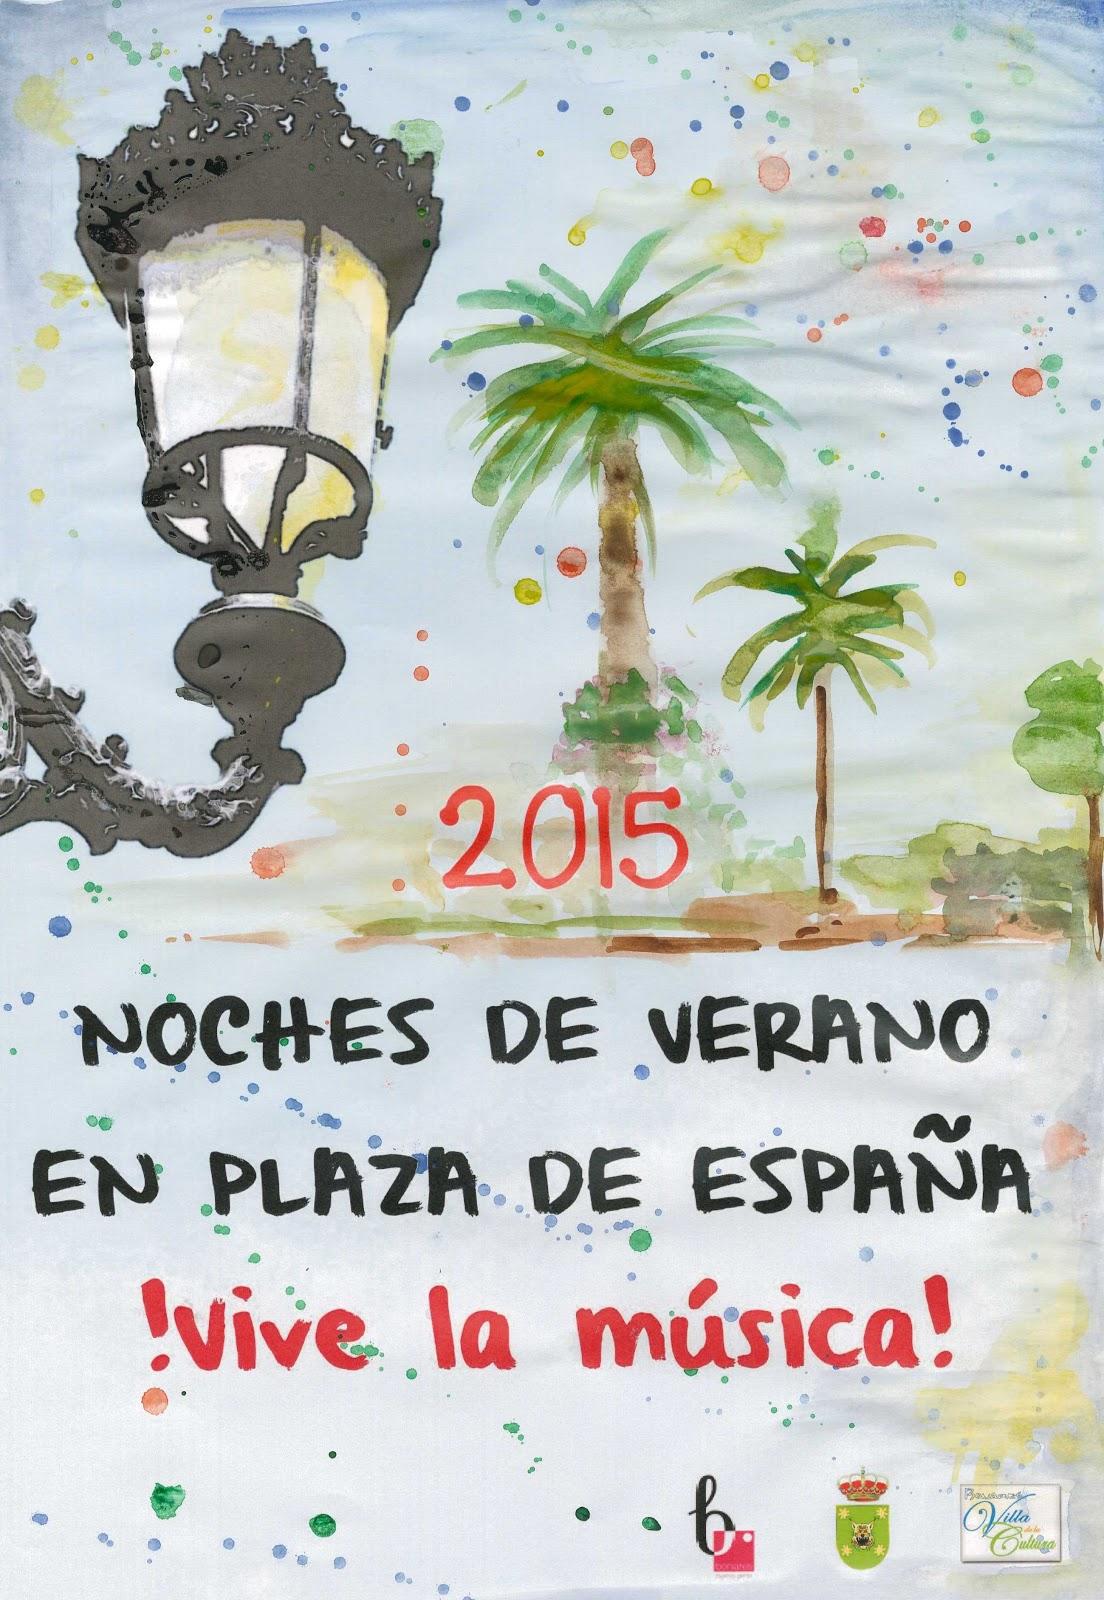 NOCHES DE VERANO PLAZA ESPAÑA 2015